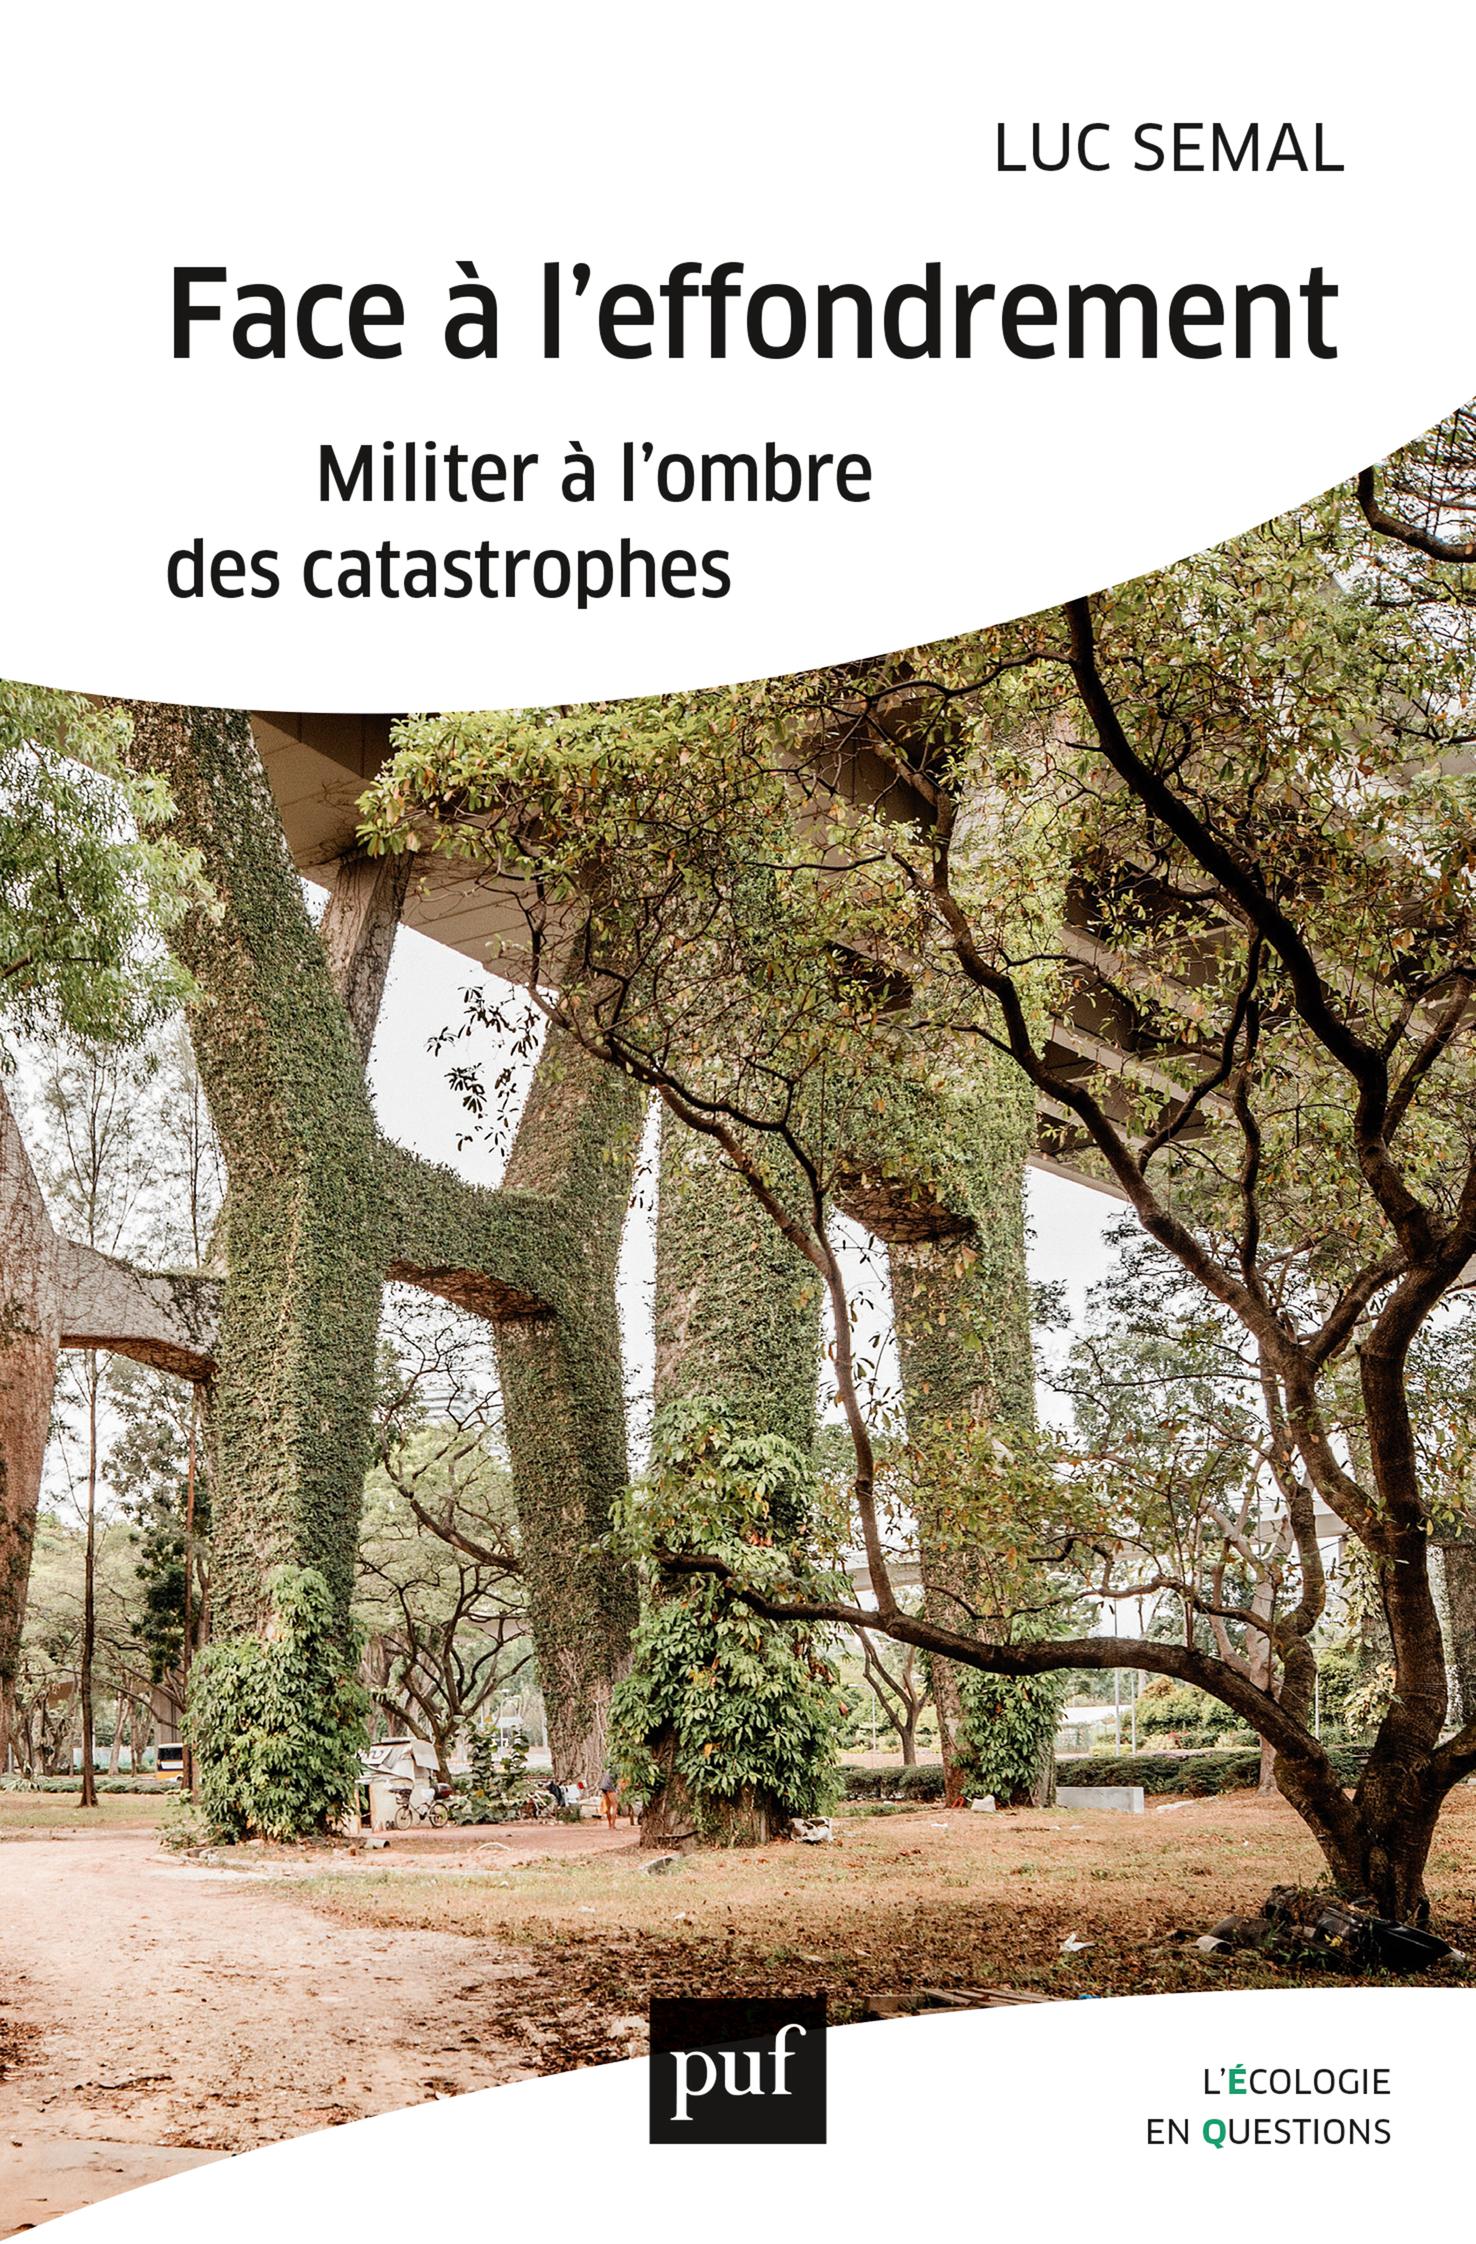 FACE A L'EFFONDREMENT - MILITER A L'OMBRE DES CATASTROPHES